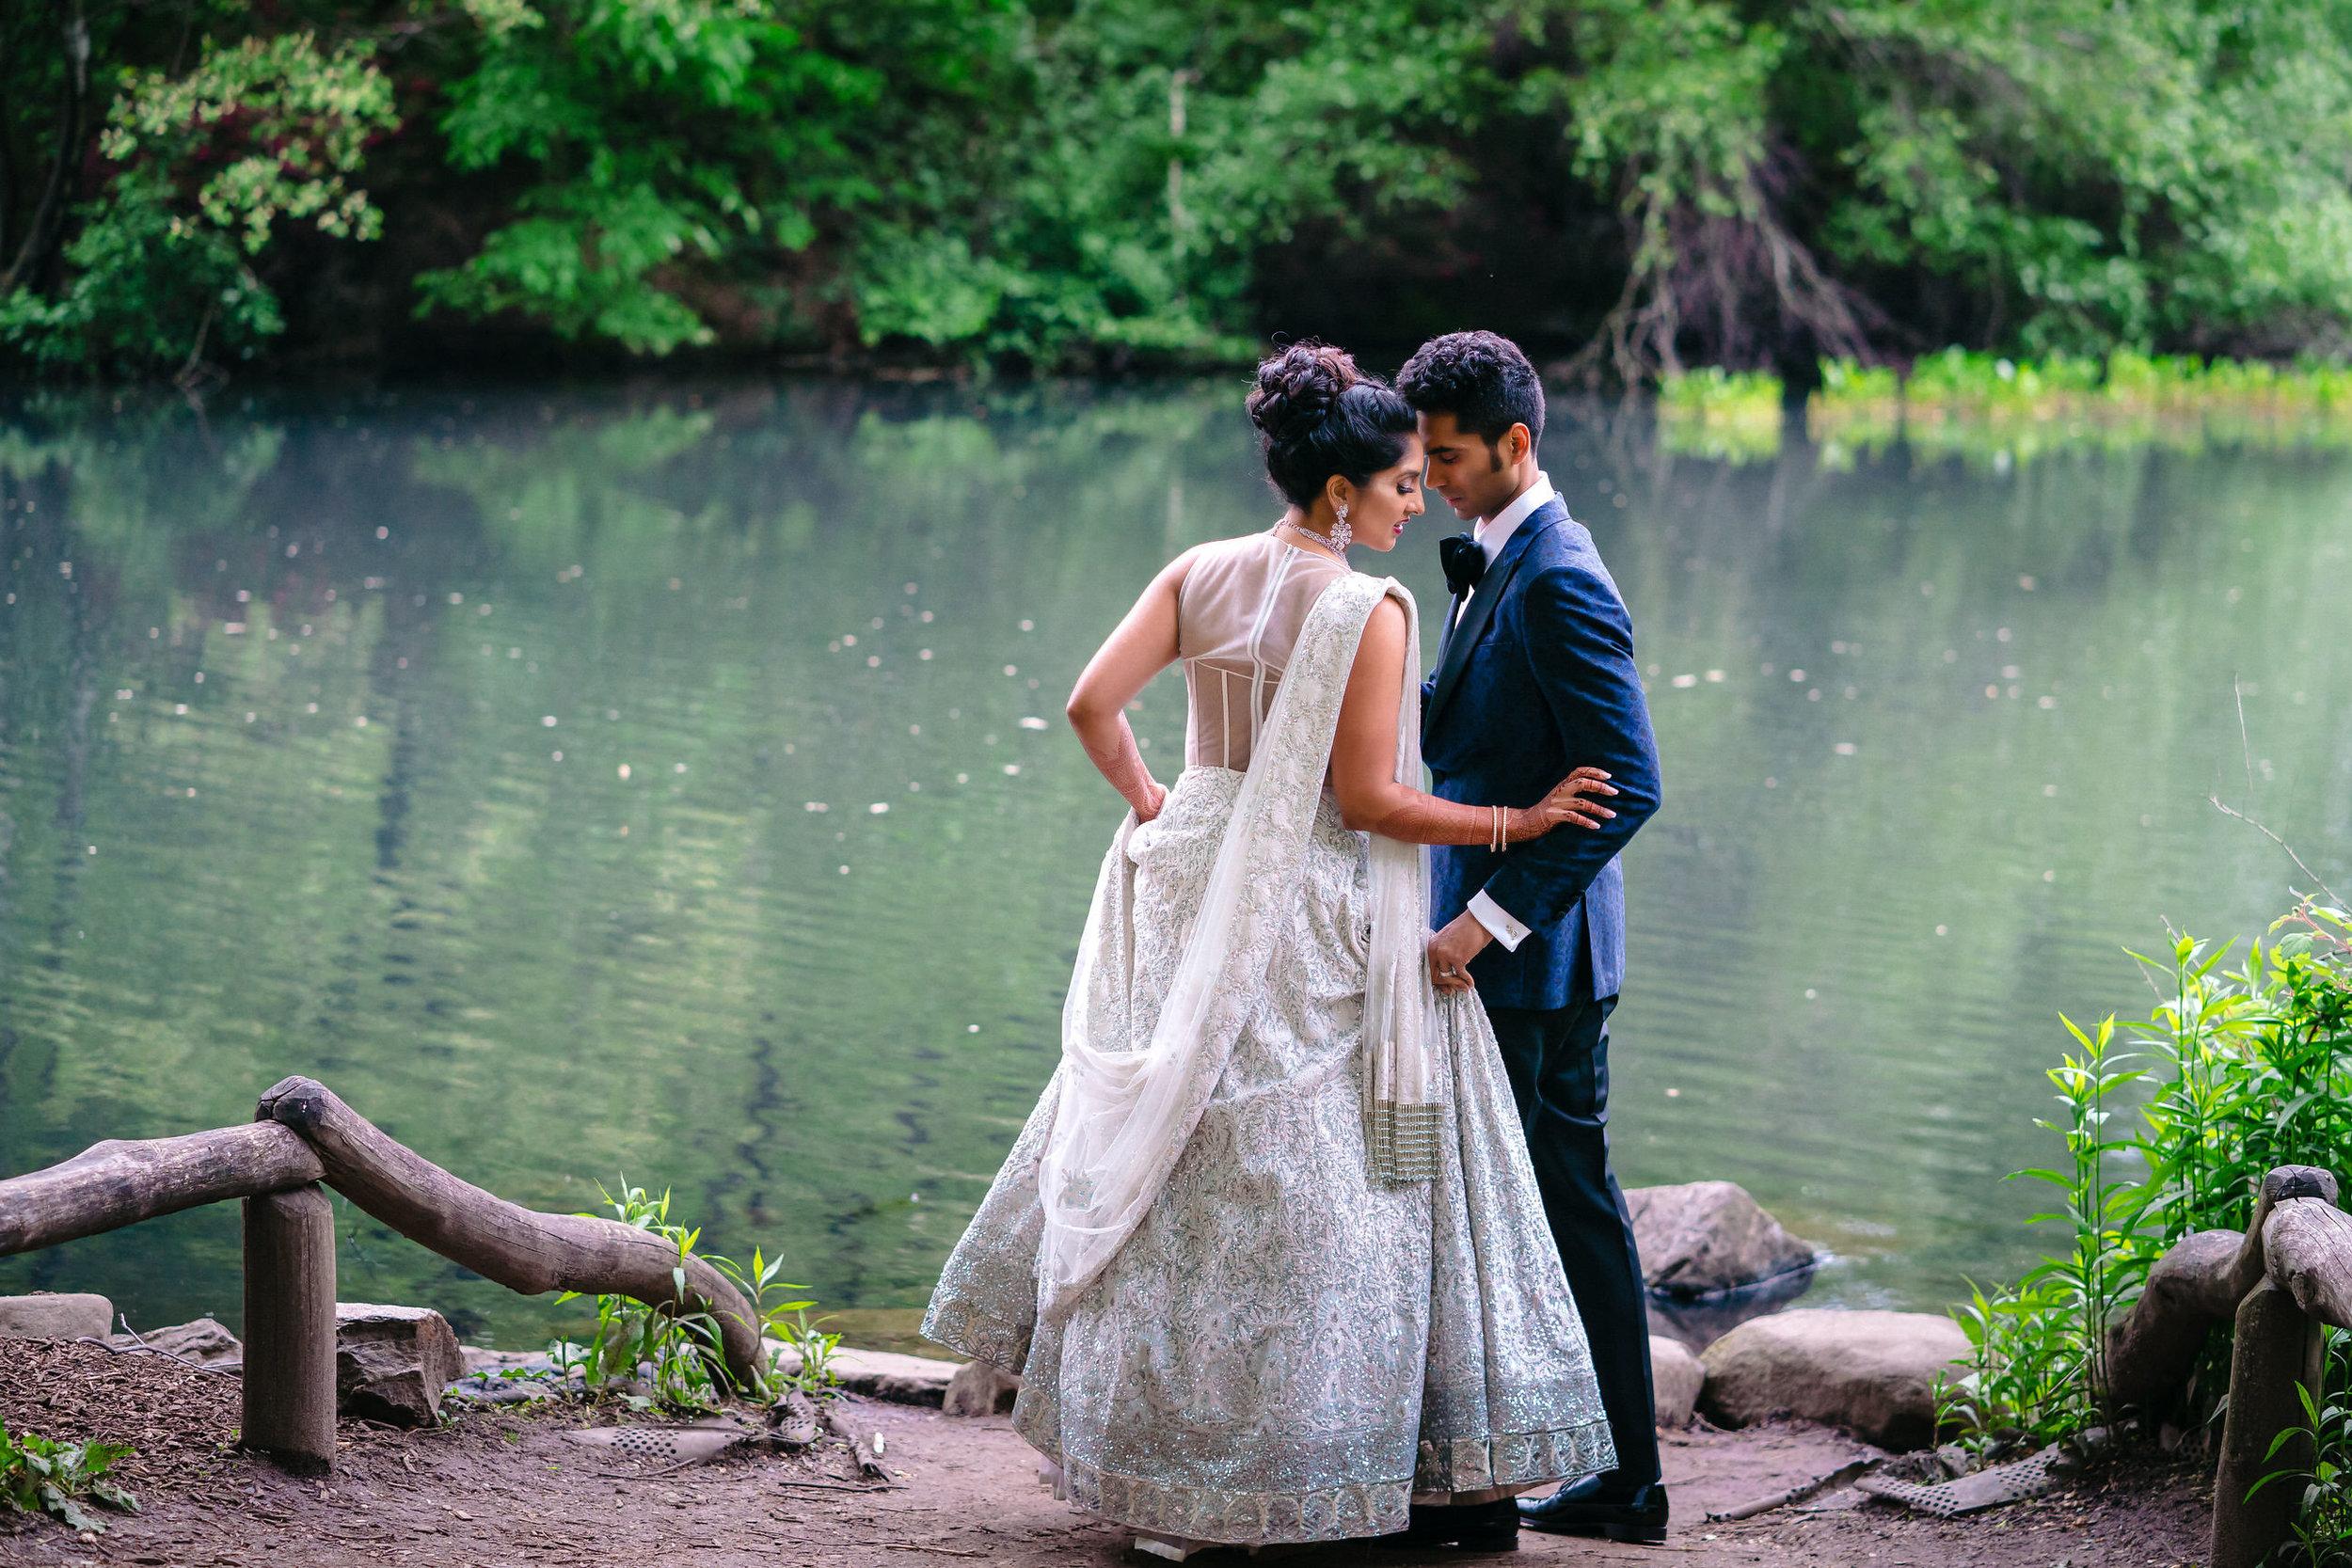 INDIAN WEDDING BRIDE AND GROOM CENTRAL PARK SHOT.JPG